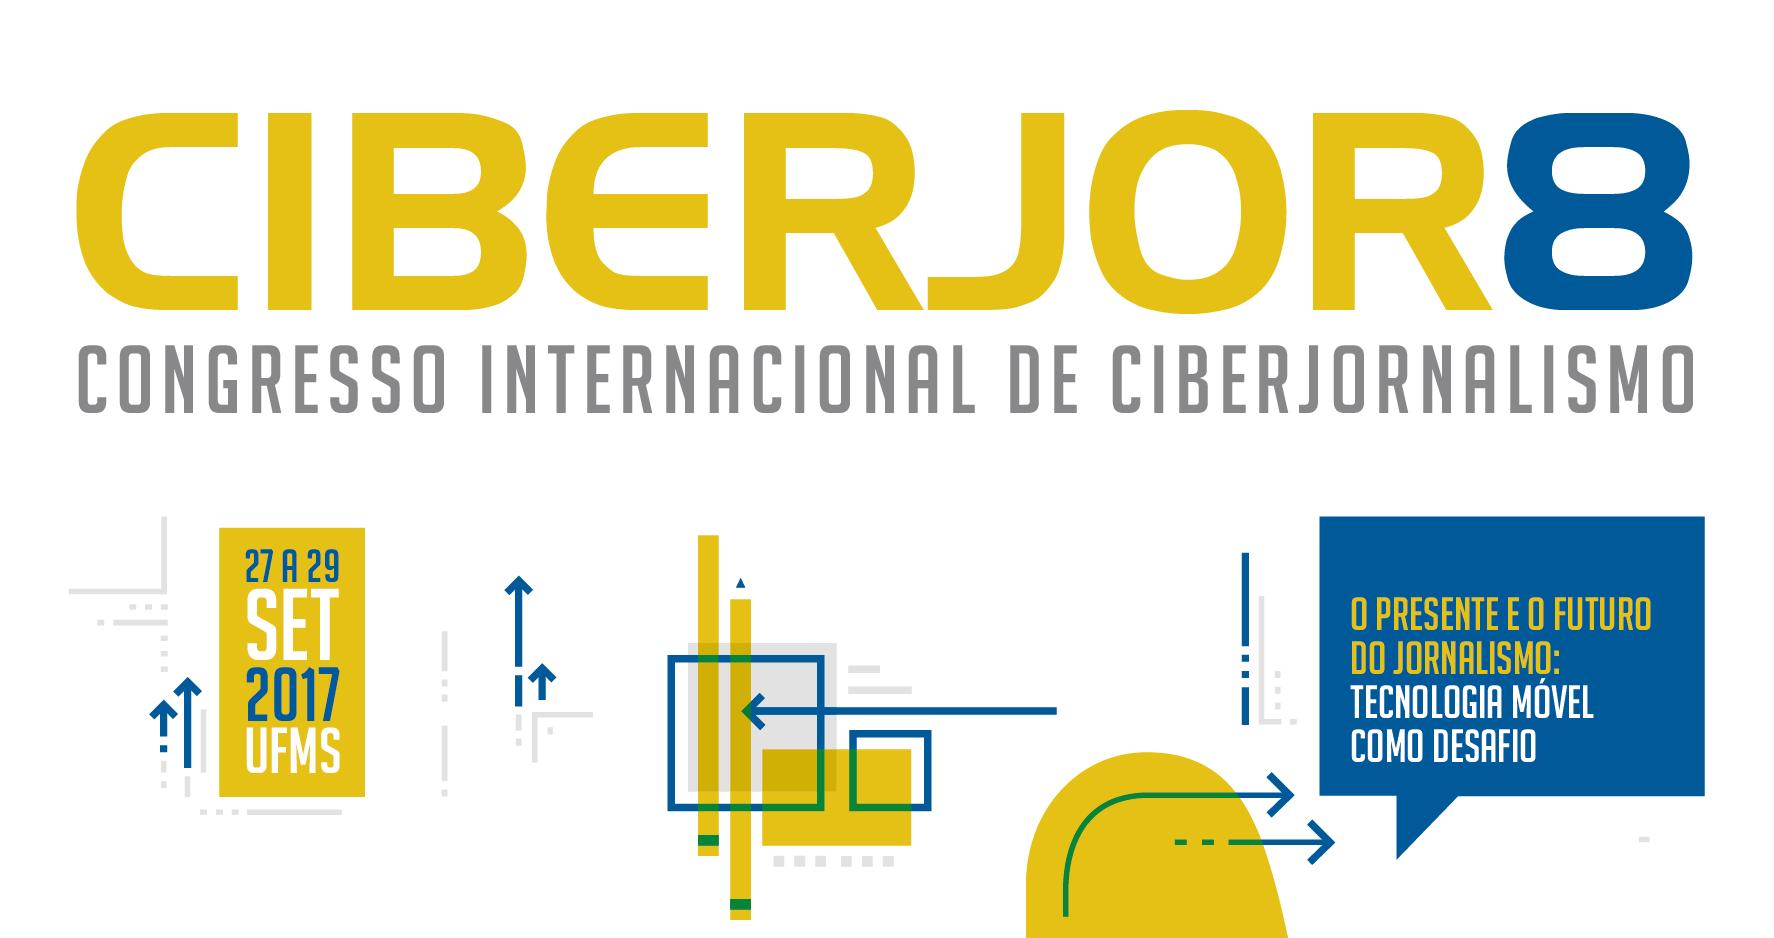 8º Congresso Internacional de Ciberjornalismo